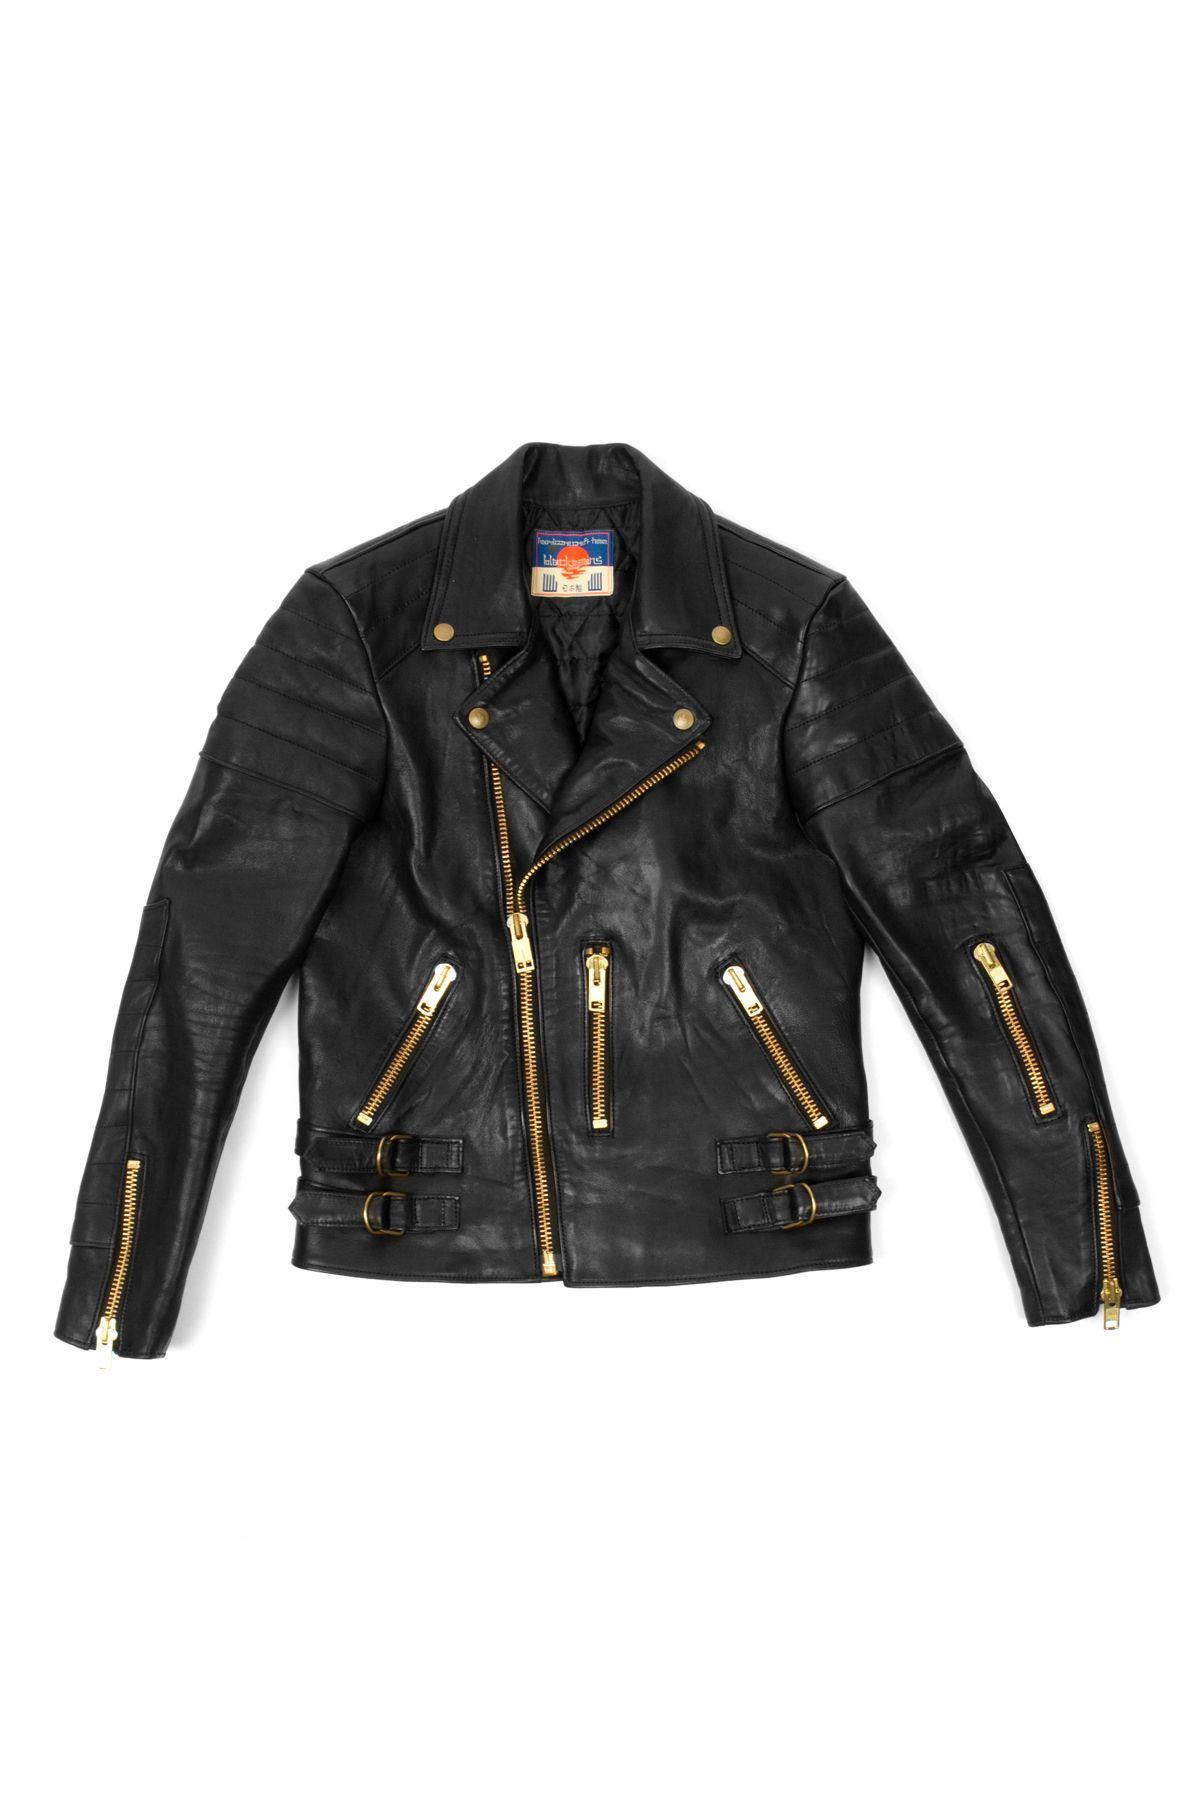 Blackmeans Padded Shoulder Black Leather Moto Jacket With Gold Hardware Leather Jacket Fashion Travel Outfit Black Leather Moto Jacket [ 1800 x 1200 Pixel ]